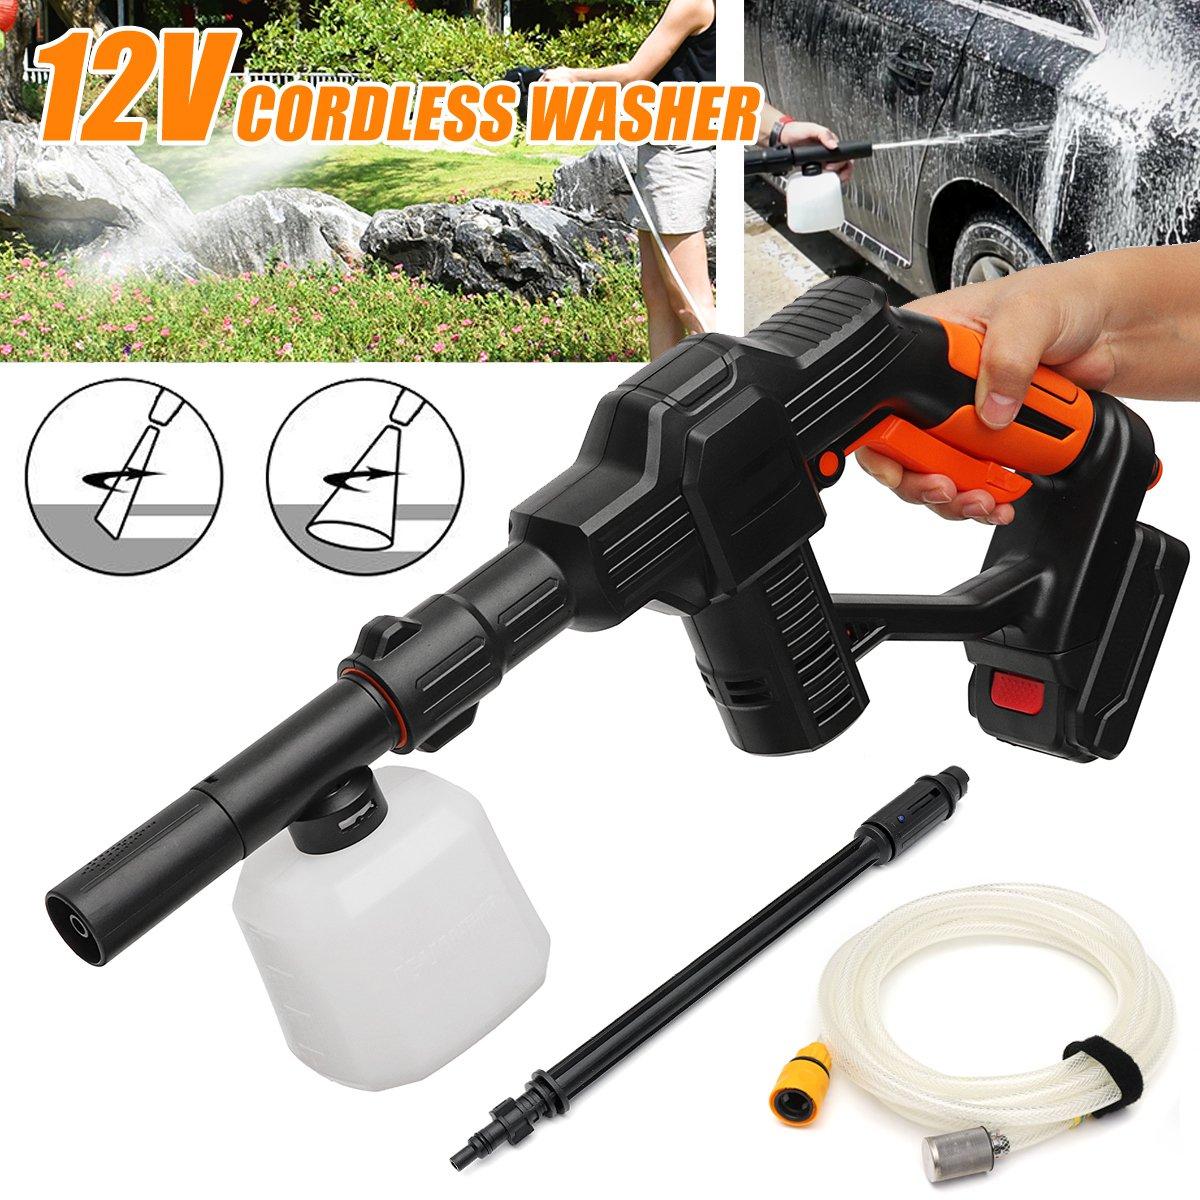 Спрей высокого давления 130PSI Автомобильная шайба беспроводной водяной пистолет Распылитель спрей очиститель пена Лэнс + 5 м шланг для автомо